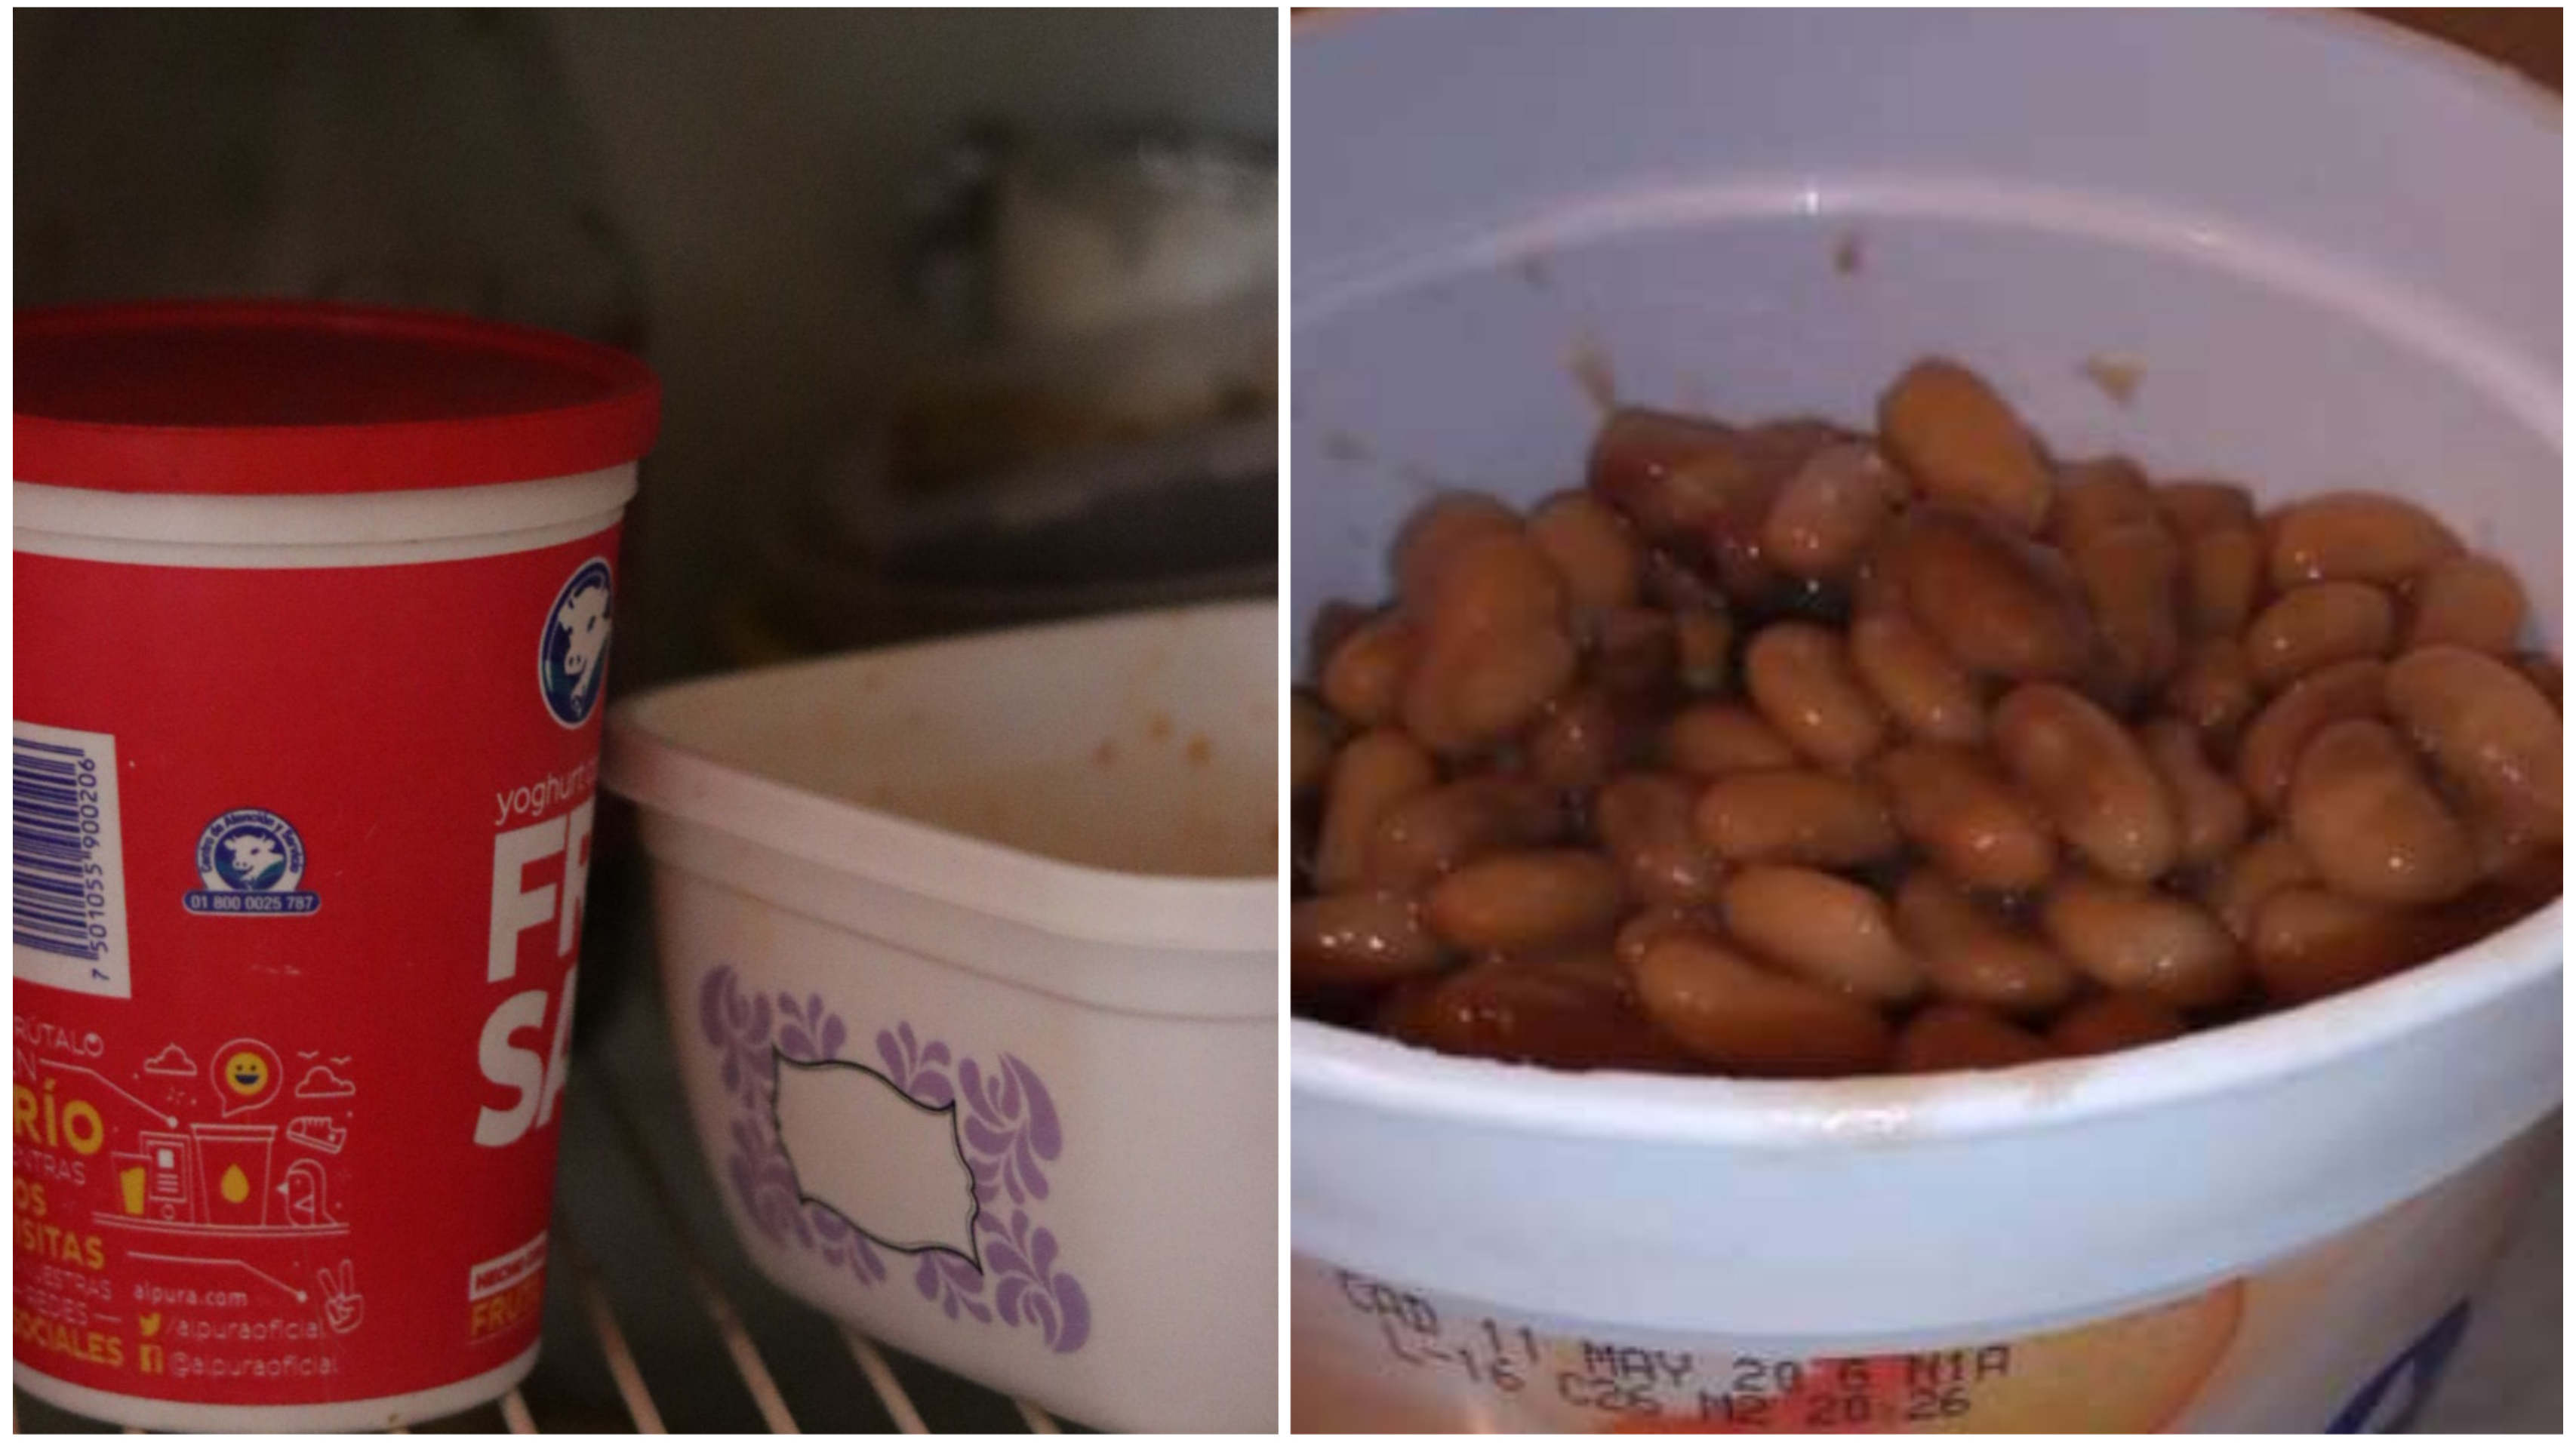 PROFECO alerta que, guardar alimentos en envases de plástico, pueden dañar la salud.